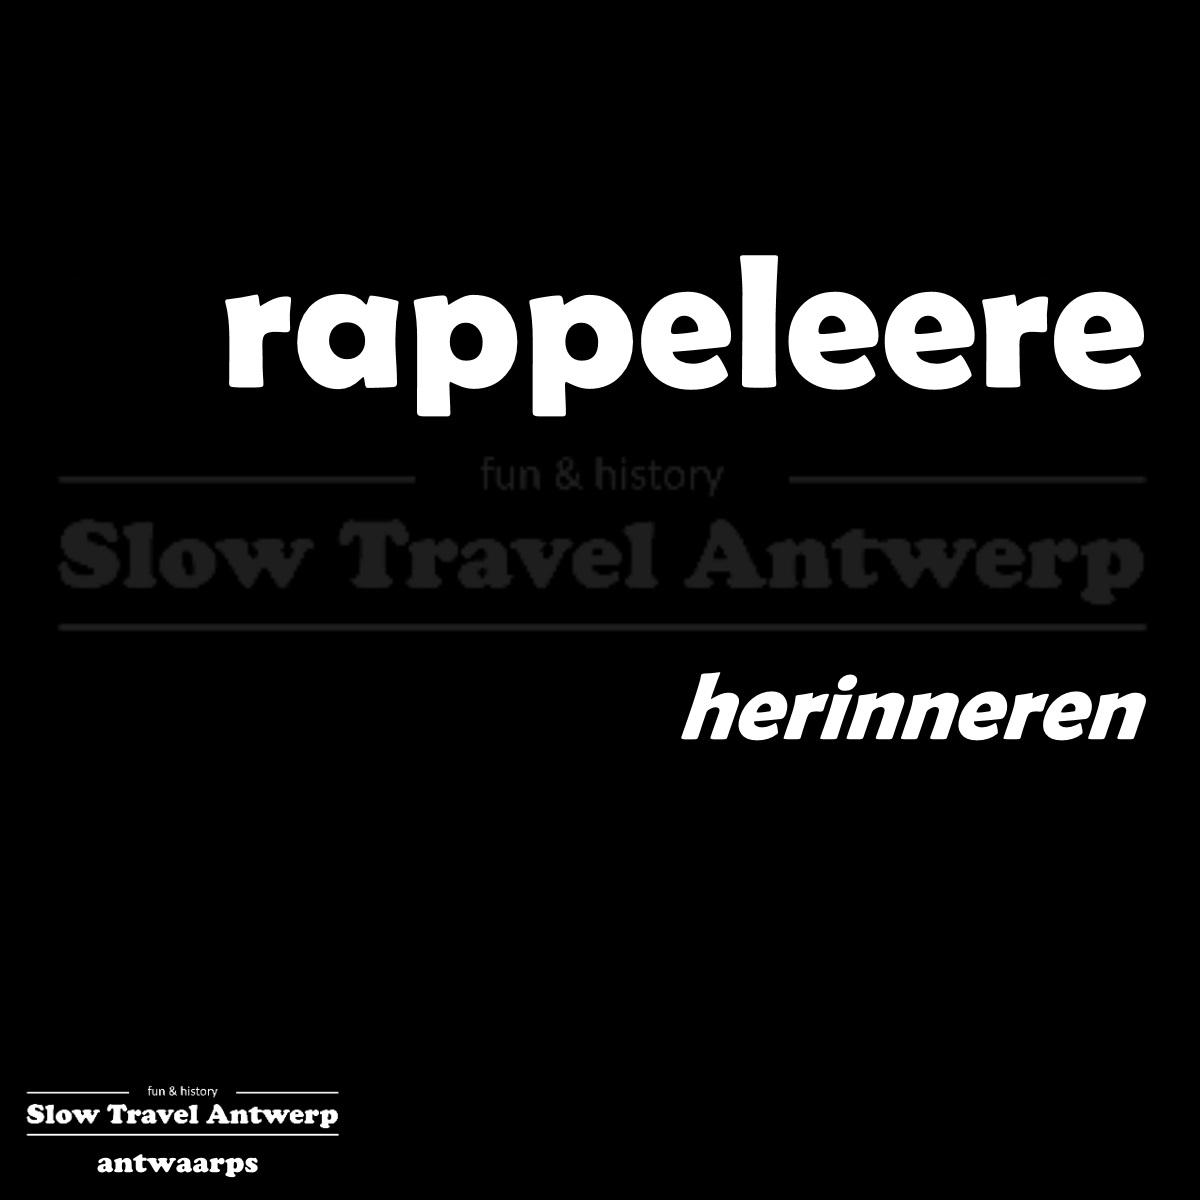 rappeleere – herinneren – to remember